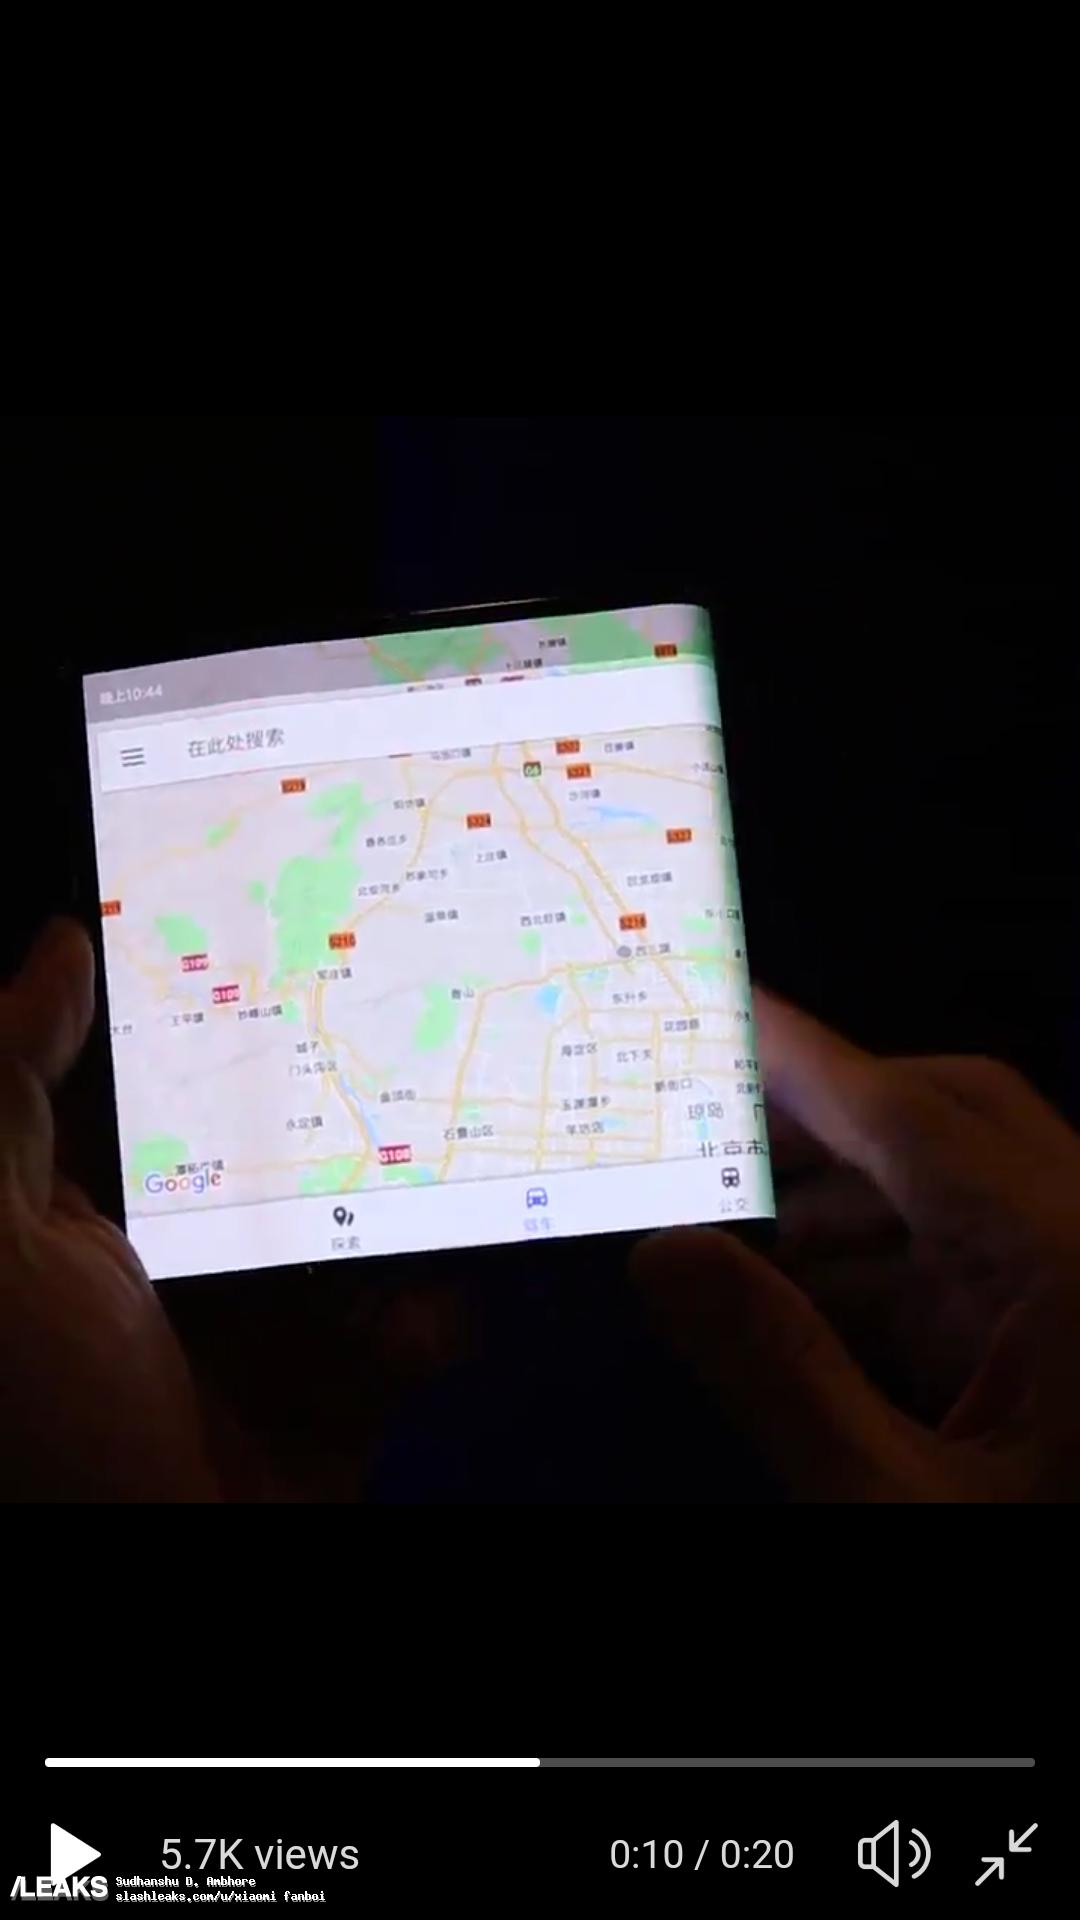 img Xiaomi's misterioso smartphone hands-on dobrável vídeo foi revelado